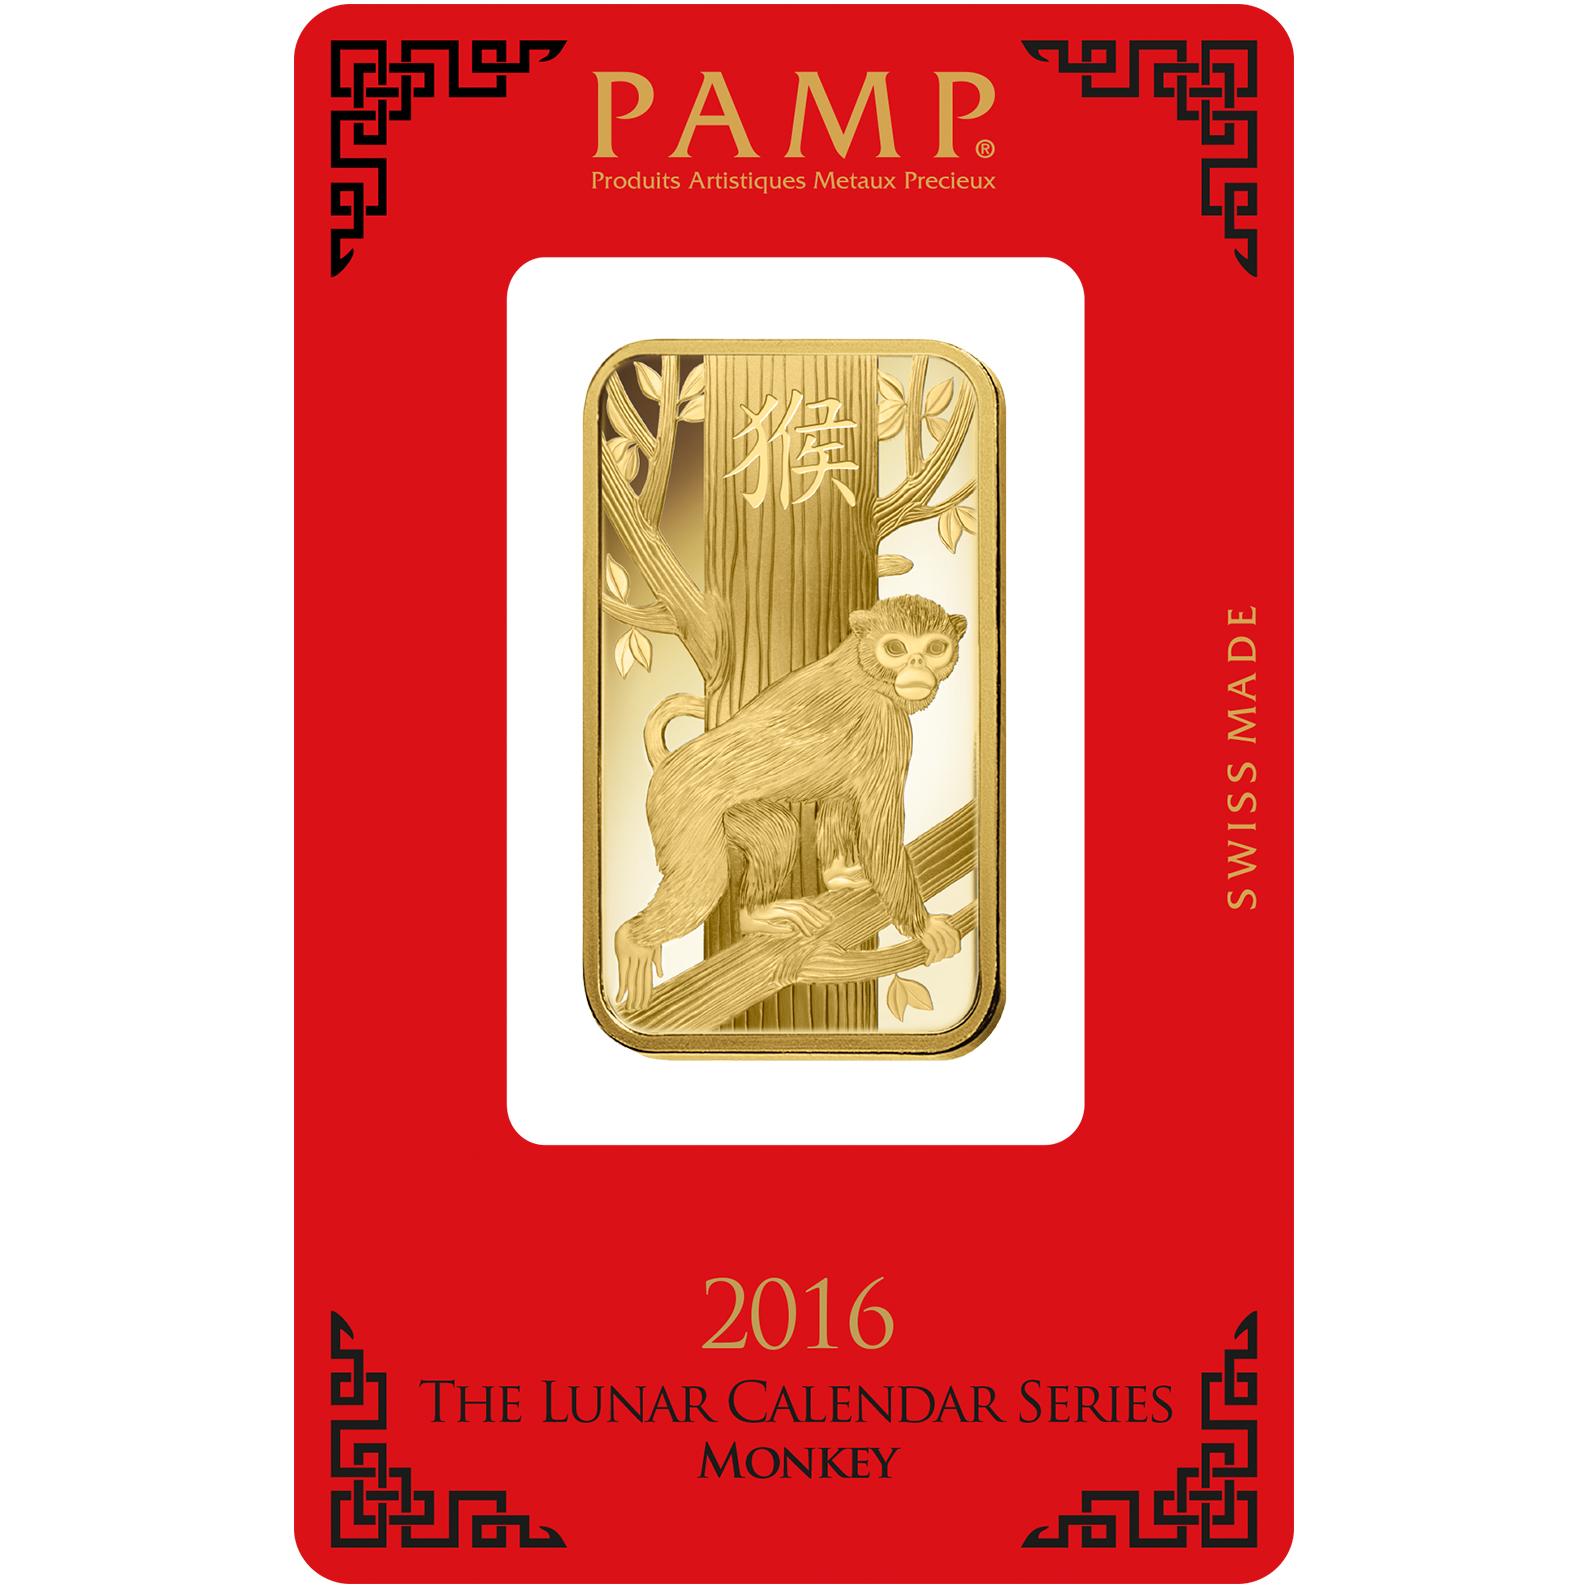 1 oz Fine Gold Bar 999.9 - PAMP Suisse Lunar Monkey